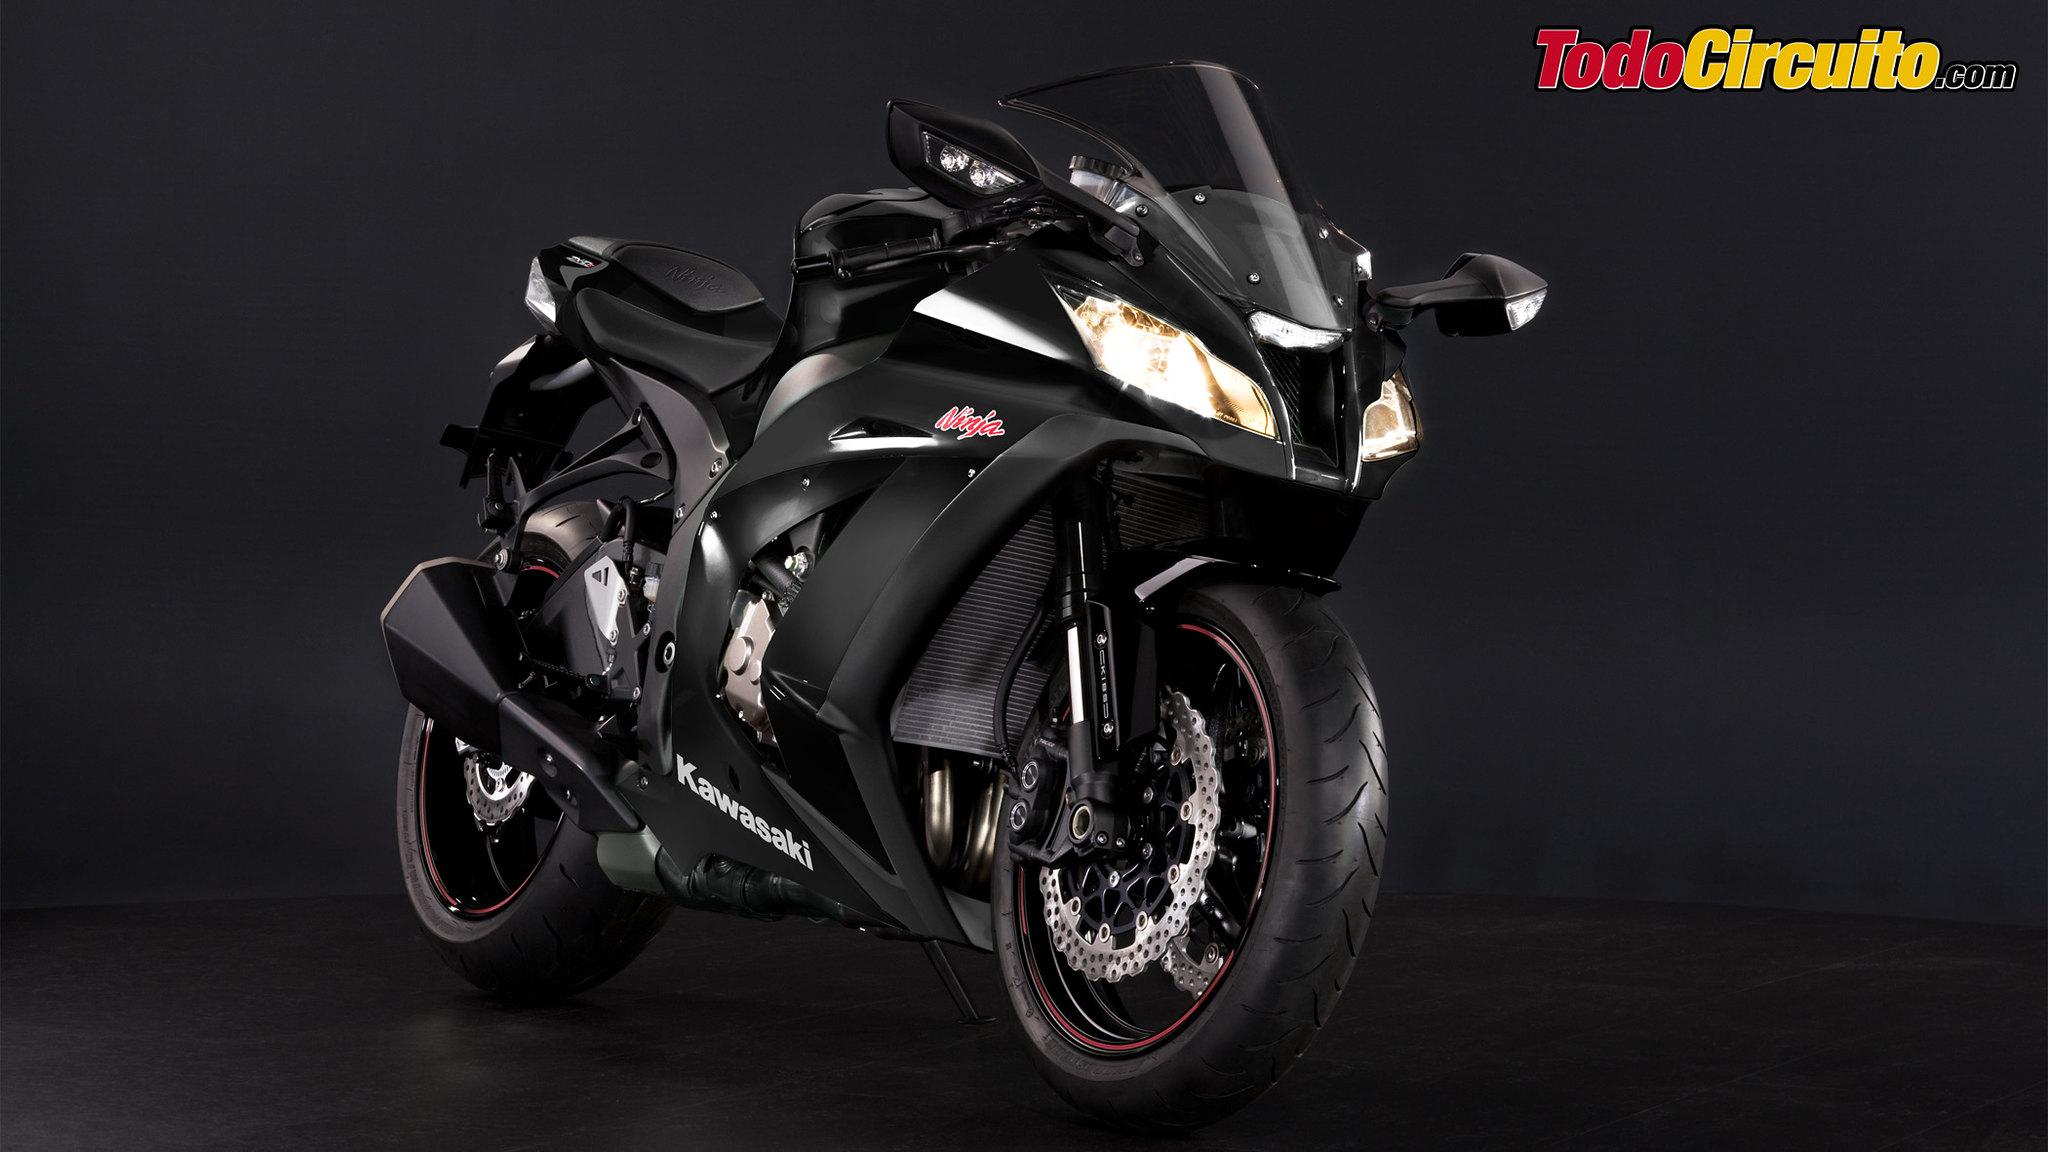 Motos Pisteras Ninja Hd 1280x1024: (2048 X 1152) Http://farm8.staticflickr.com/7211/7